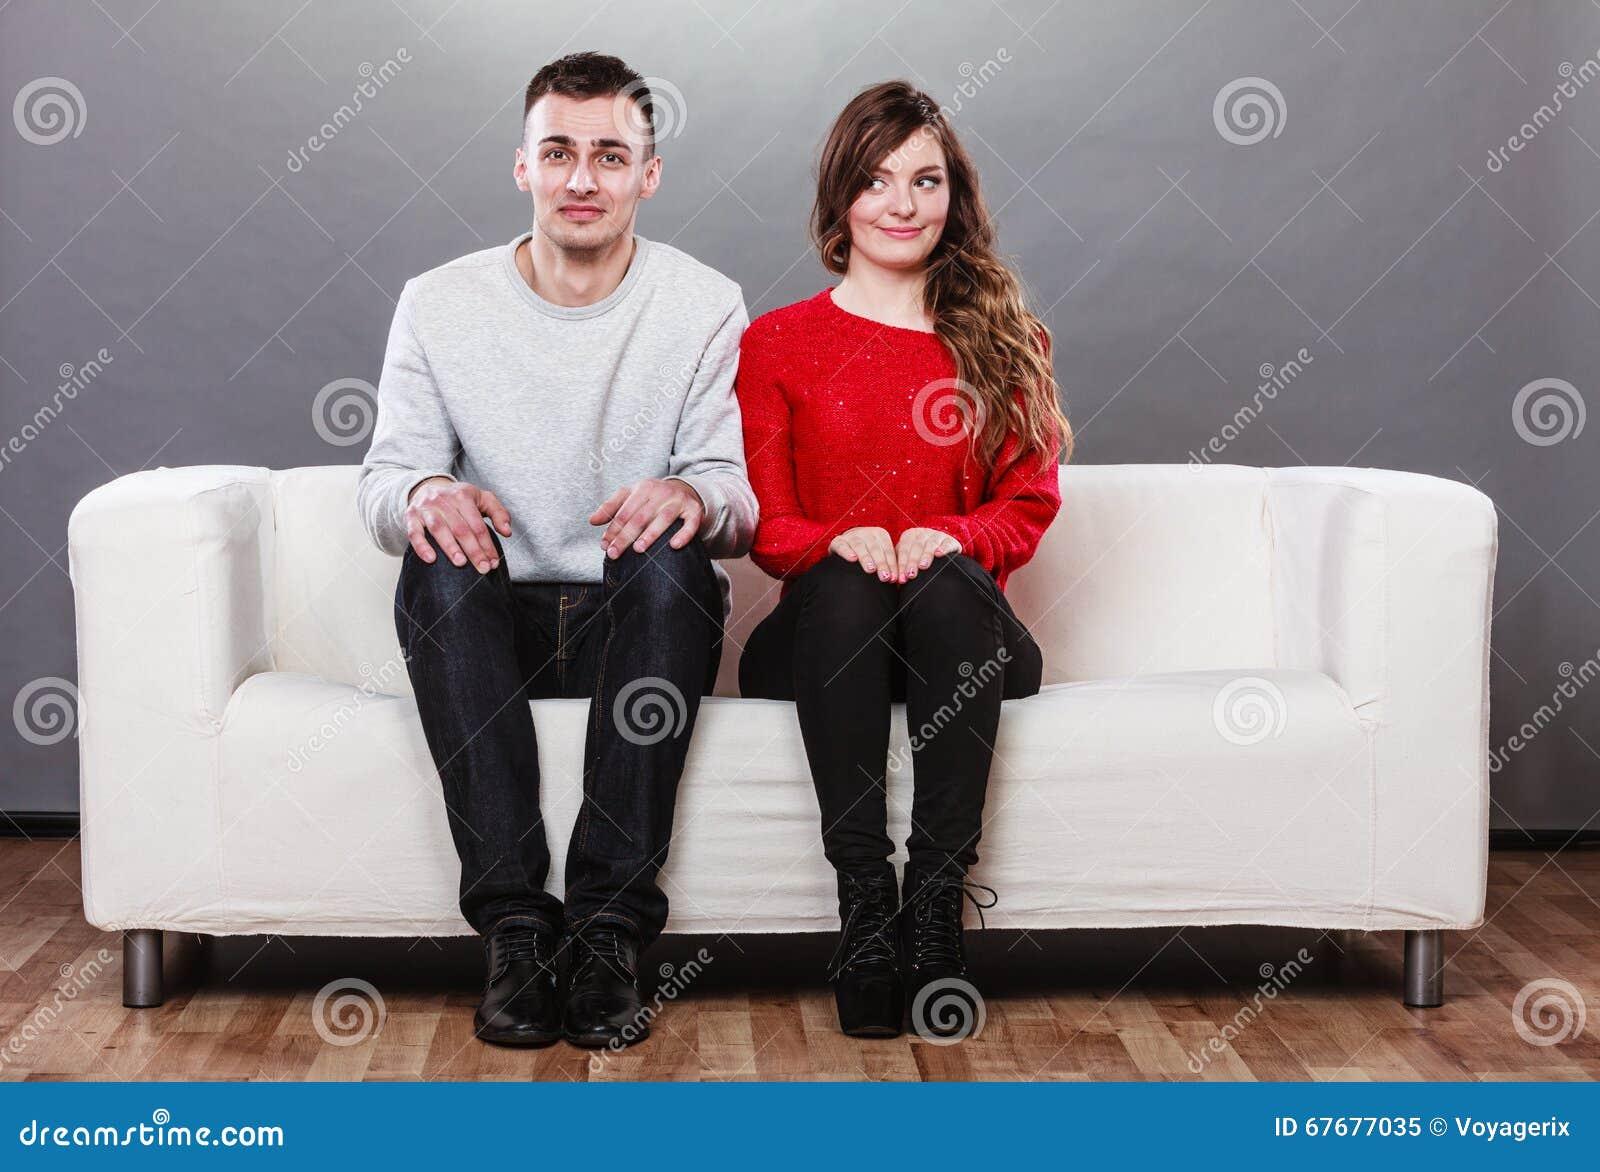 online dating de eerste datum Dating Daisy regel 1